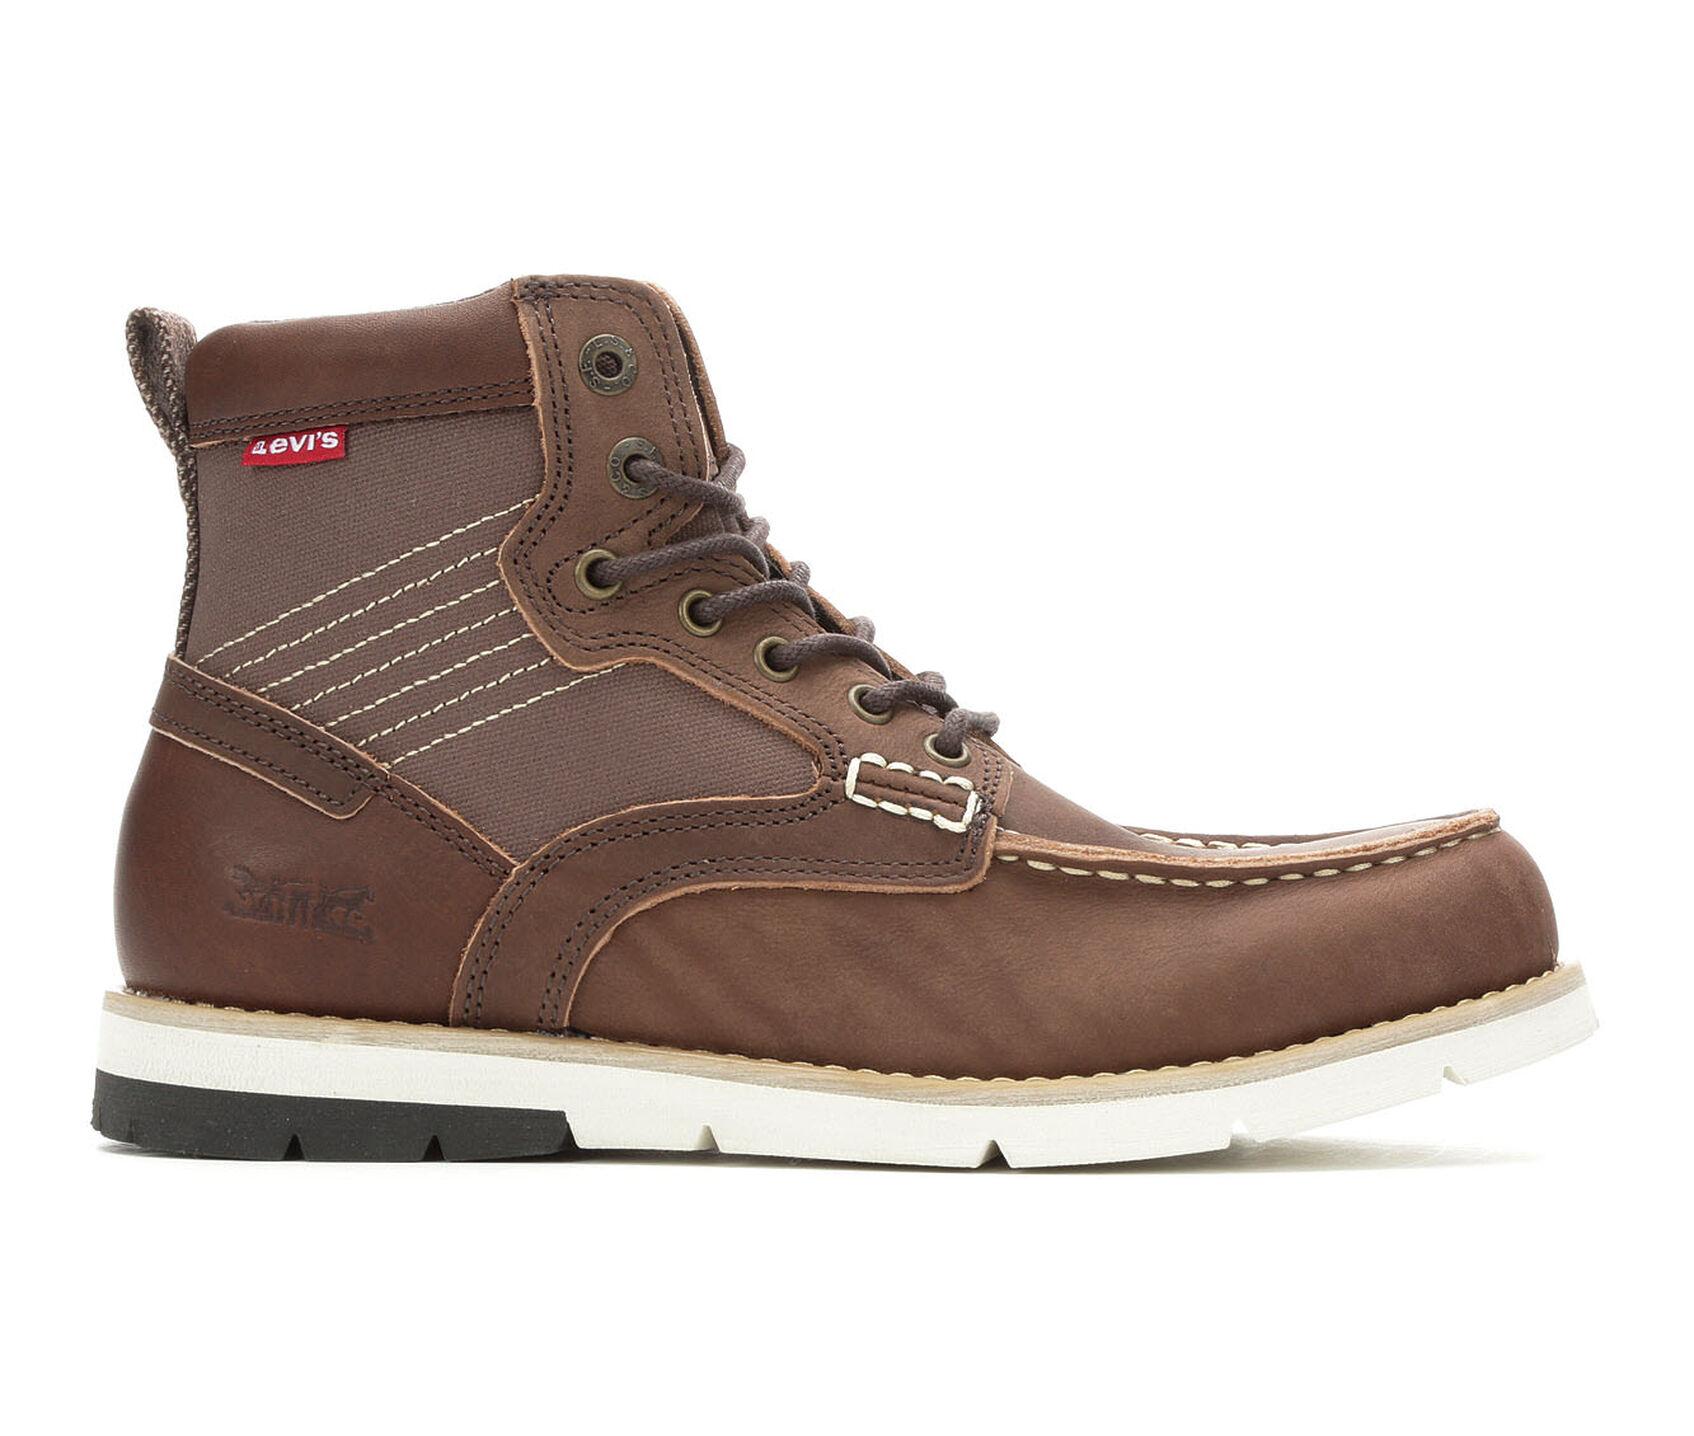 a916417bcb10a Men's Levis Dawson Lux Boots | Shoe Carnival